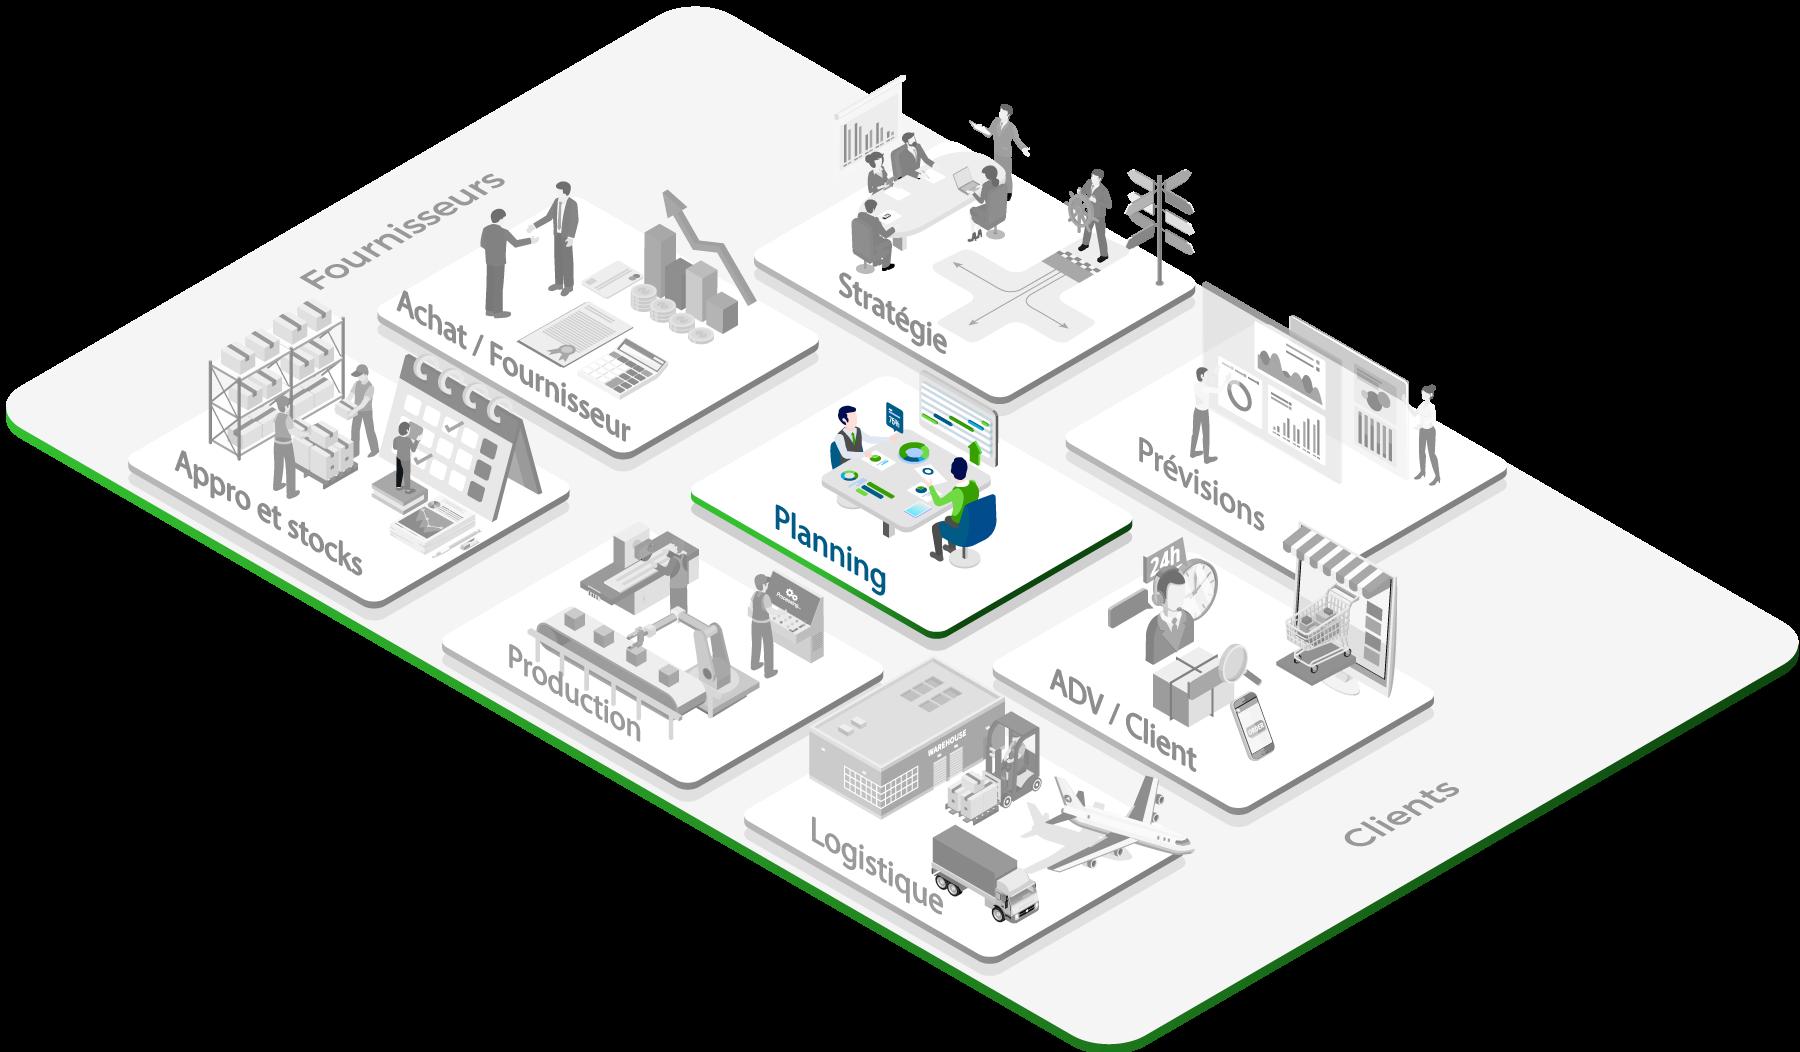 Problématiques liées à la planification industrielle et au S&OP